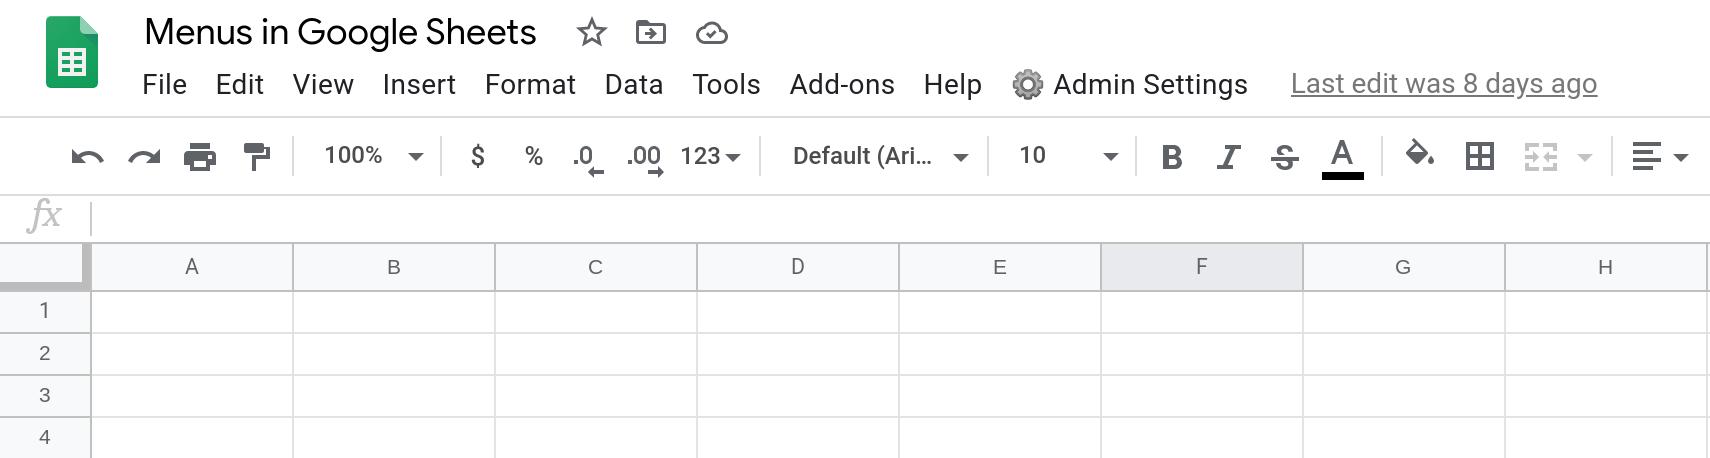 Screenshot of a Google Sheets spreadsheet showing a custom menu.